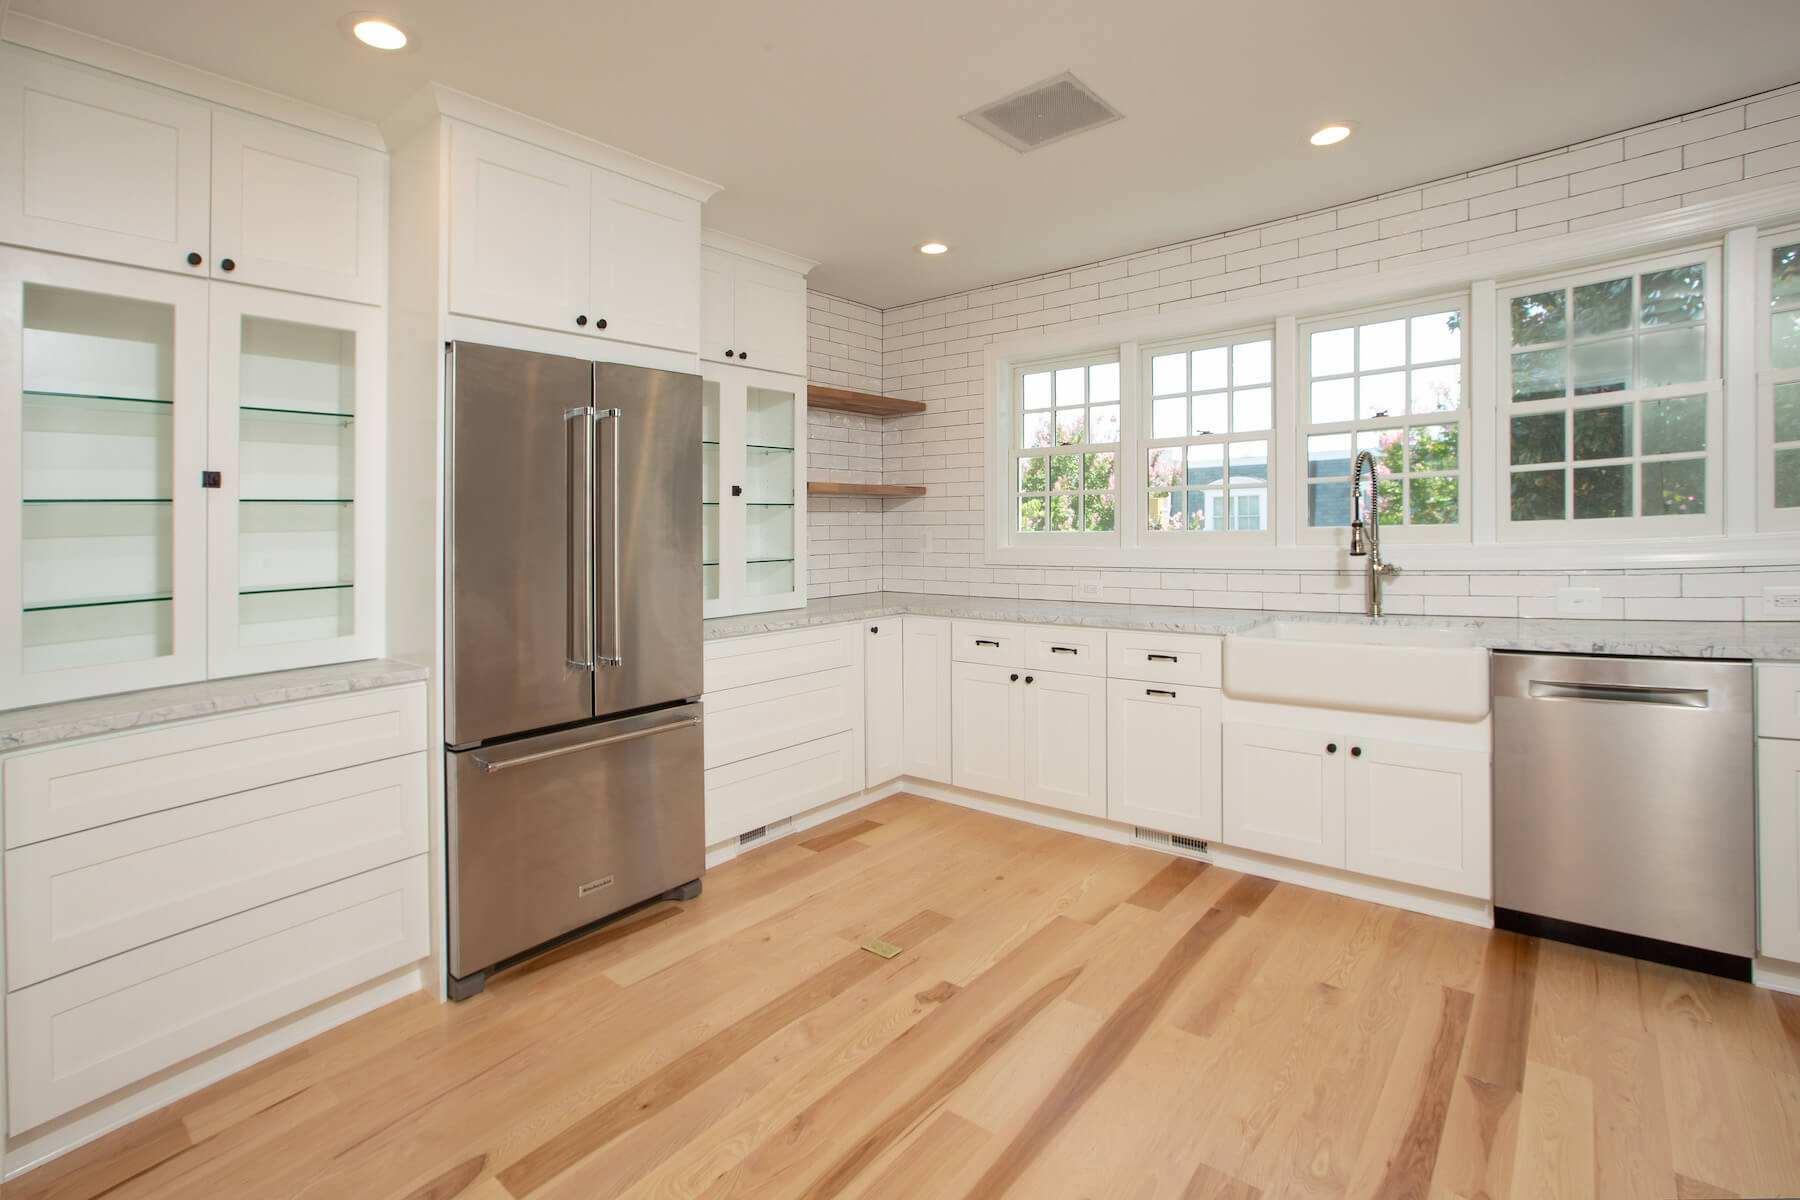 kitchenL_8-12-2019_911-1